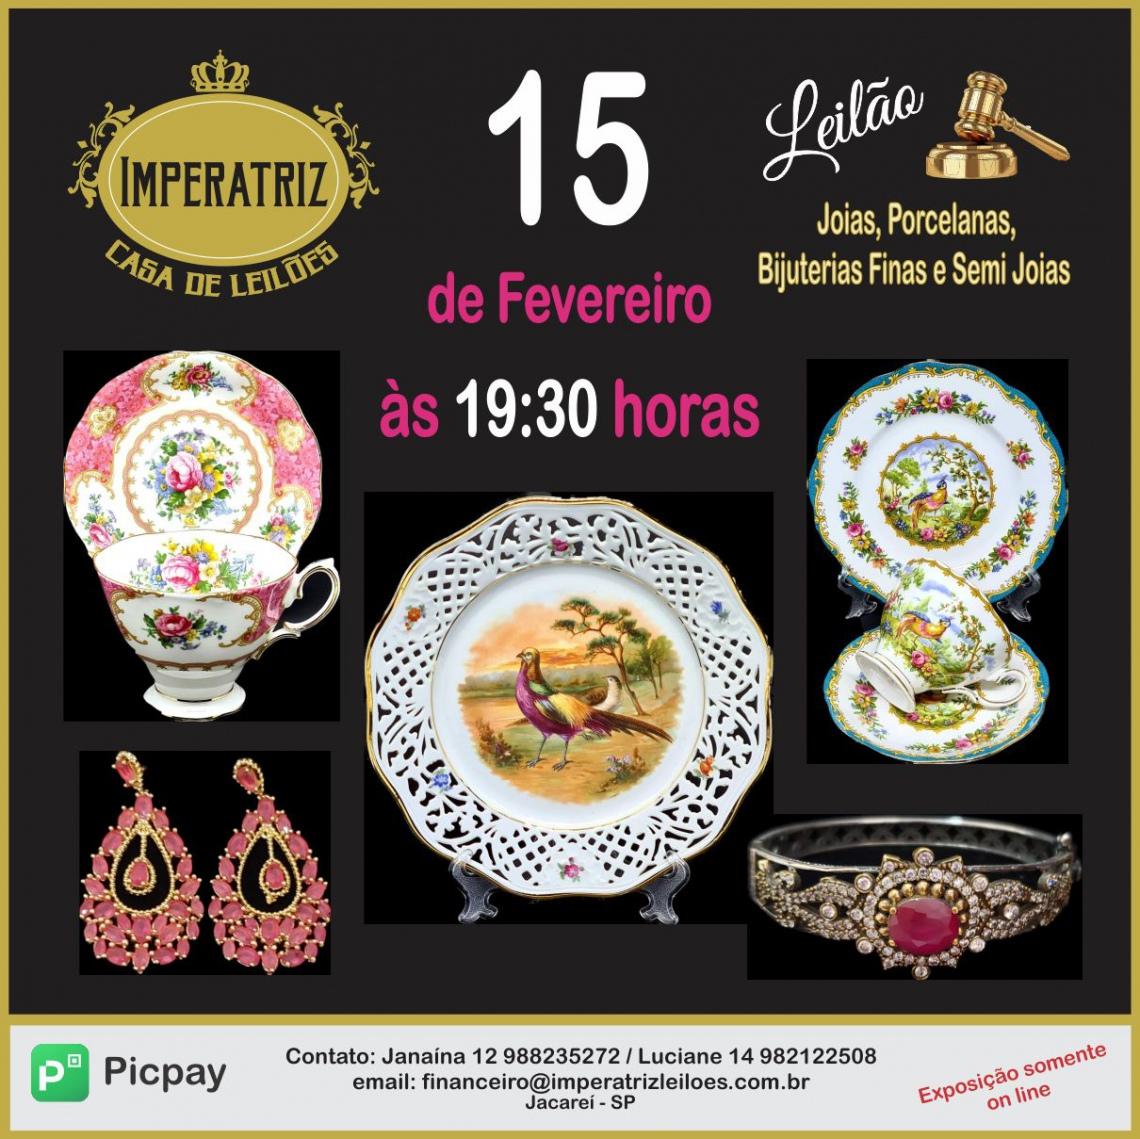 CASA DE LEILÕES IMPERATRIZ - Joias, Porcelanas, Bijuteria Finas e Semi Joias